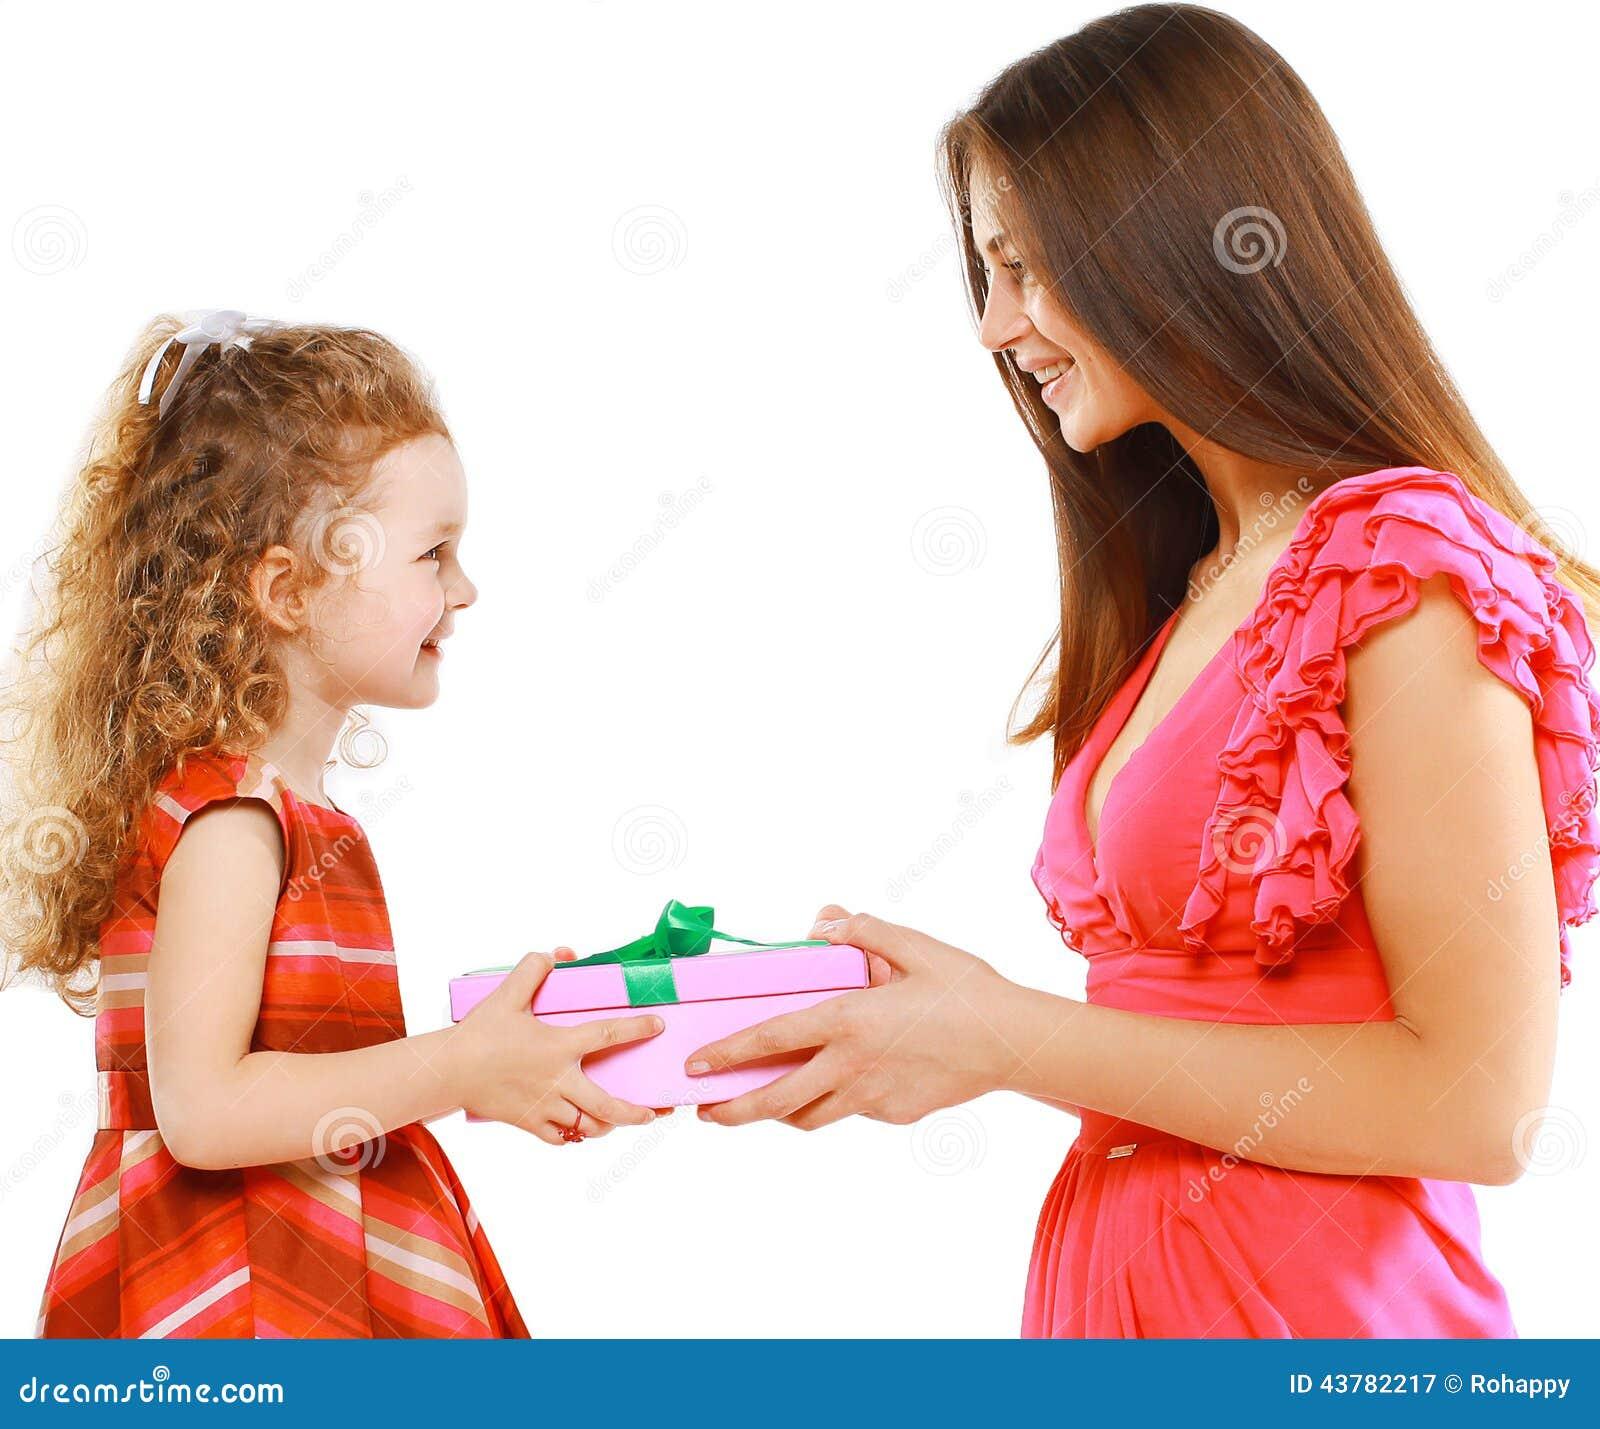 Regalos madre navidad paletas de reno o paletas rodolfo - Que regalar a una madre en navidad ...